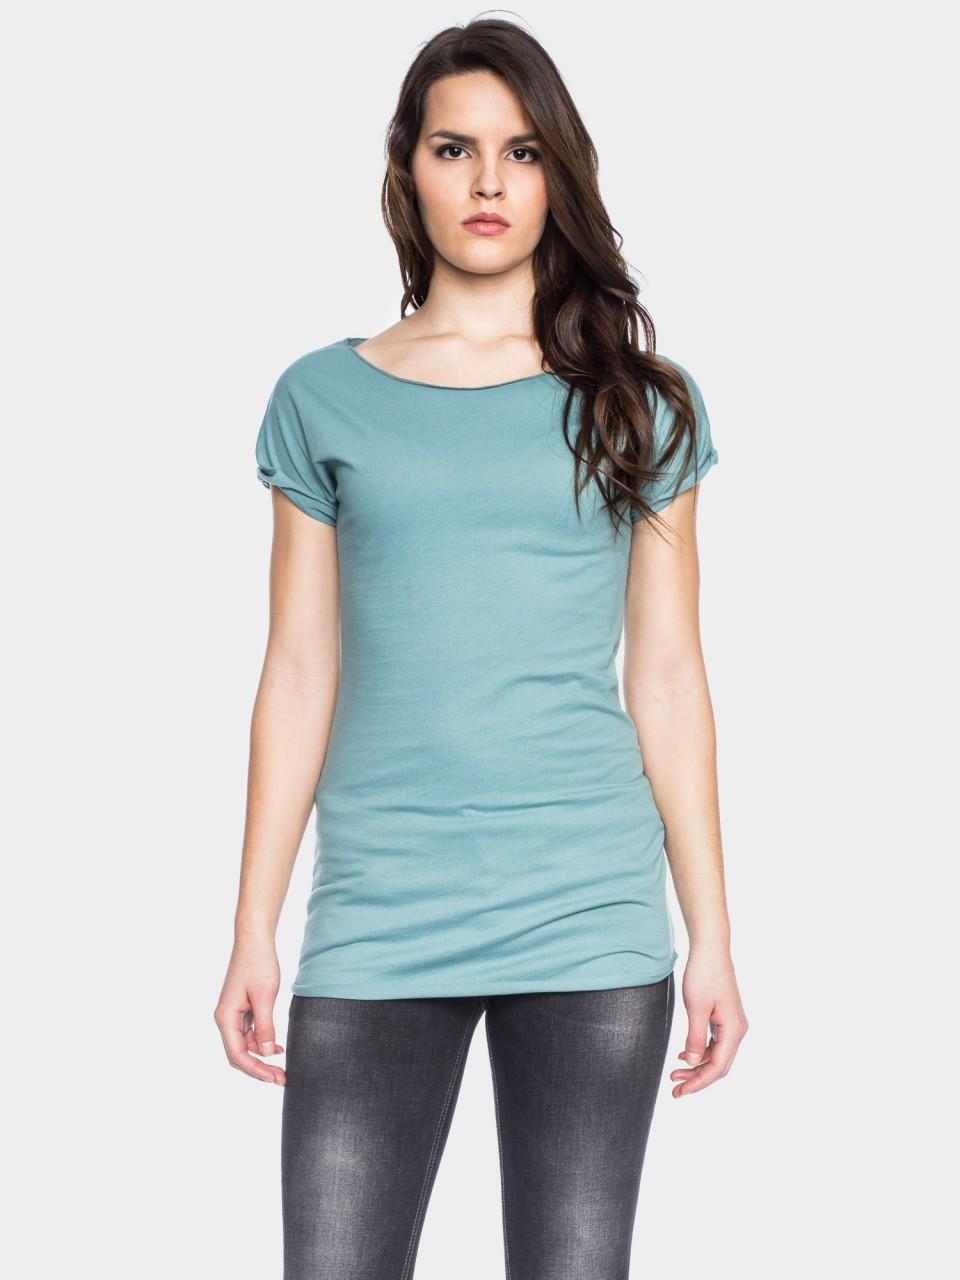 Shirt Anju OC ARCT